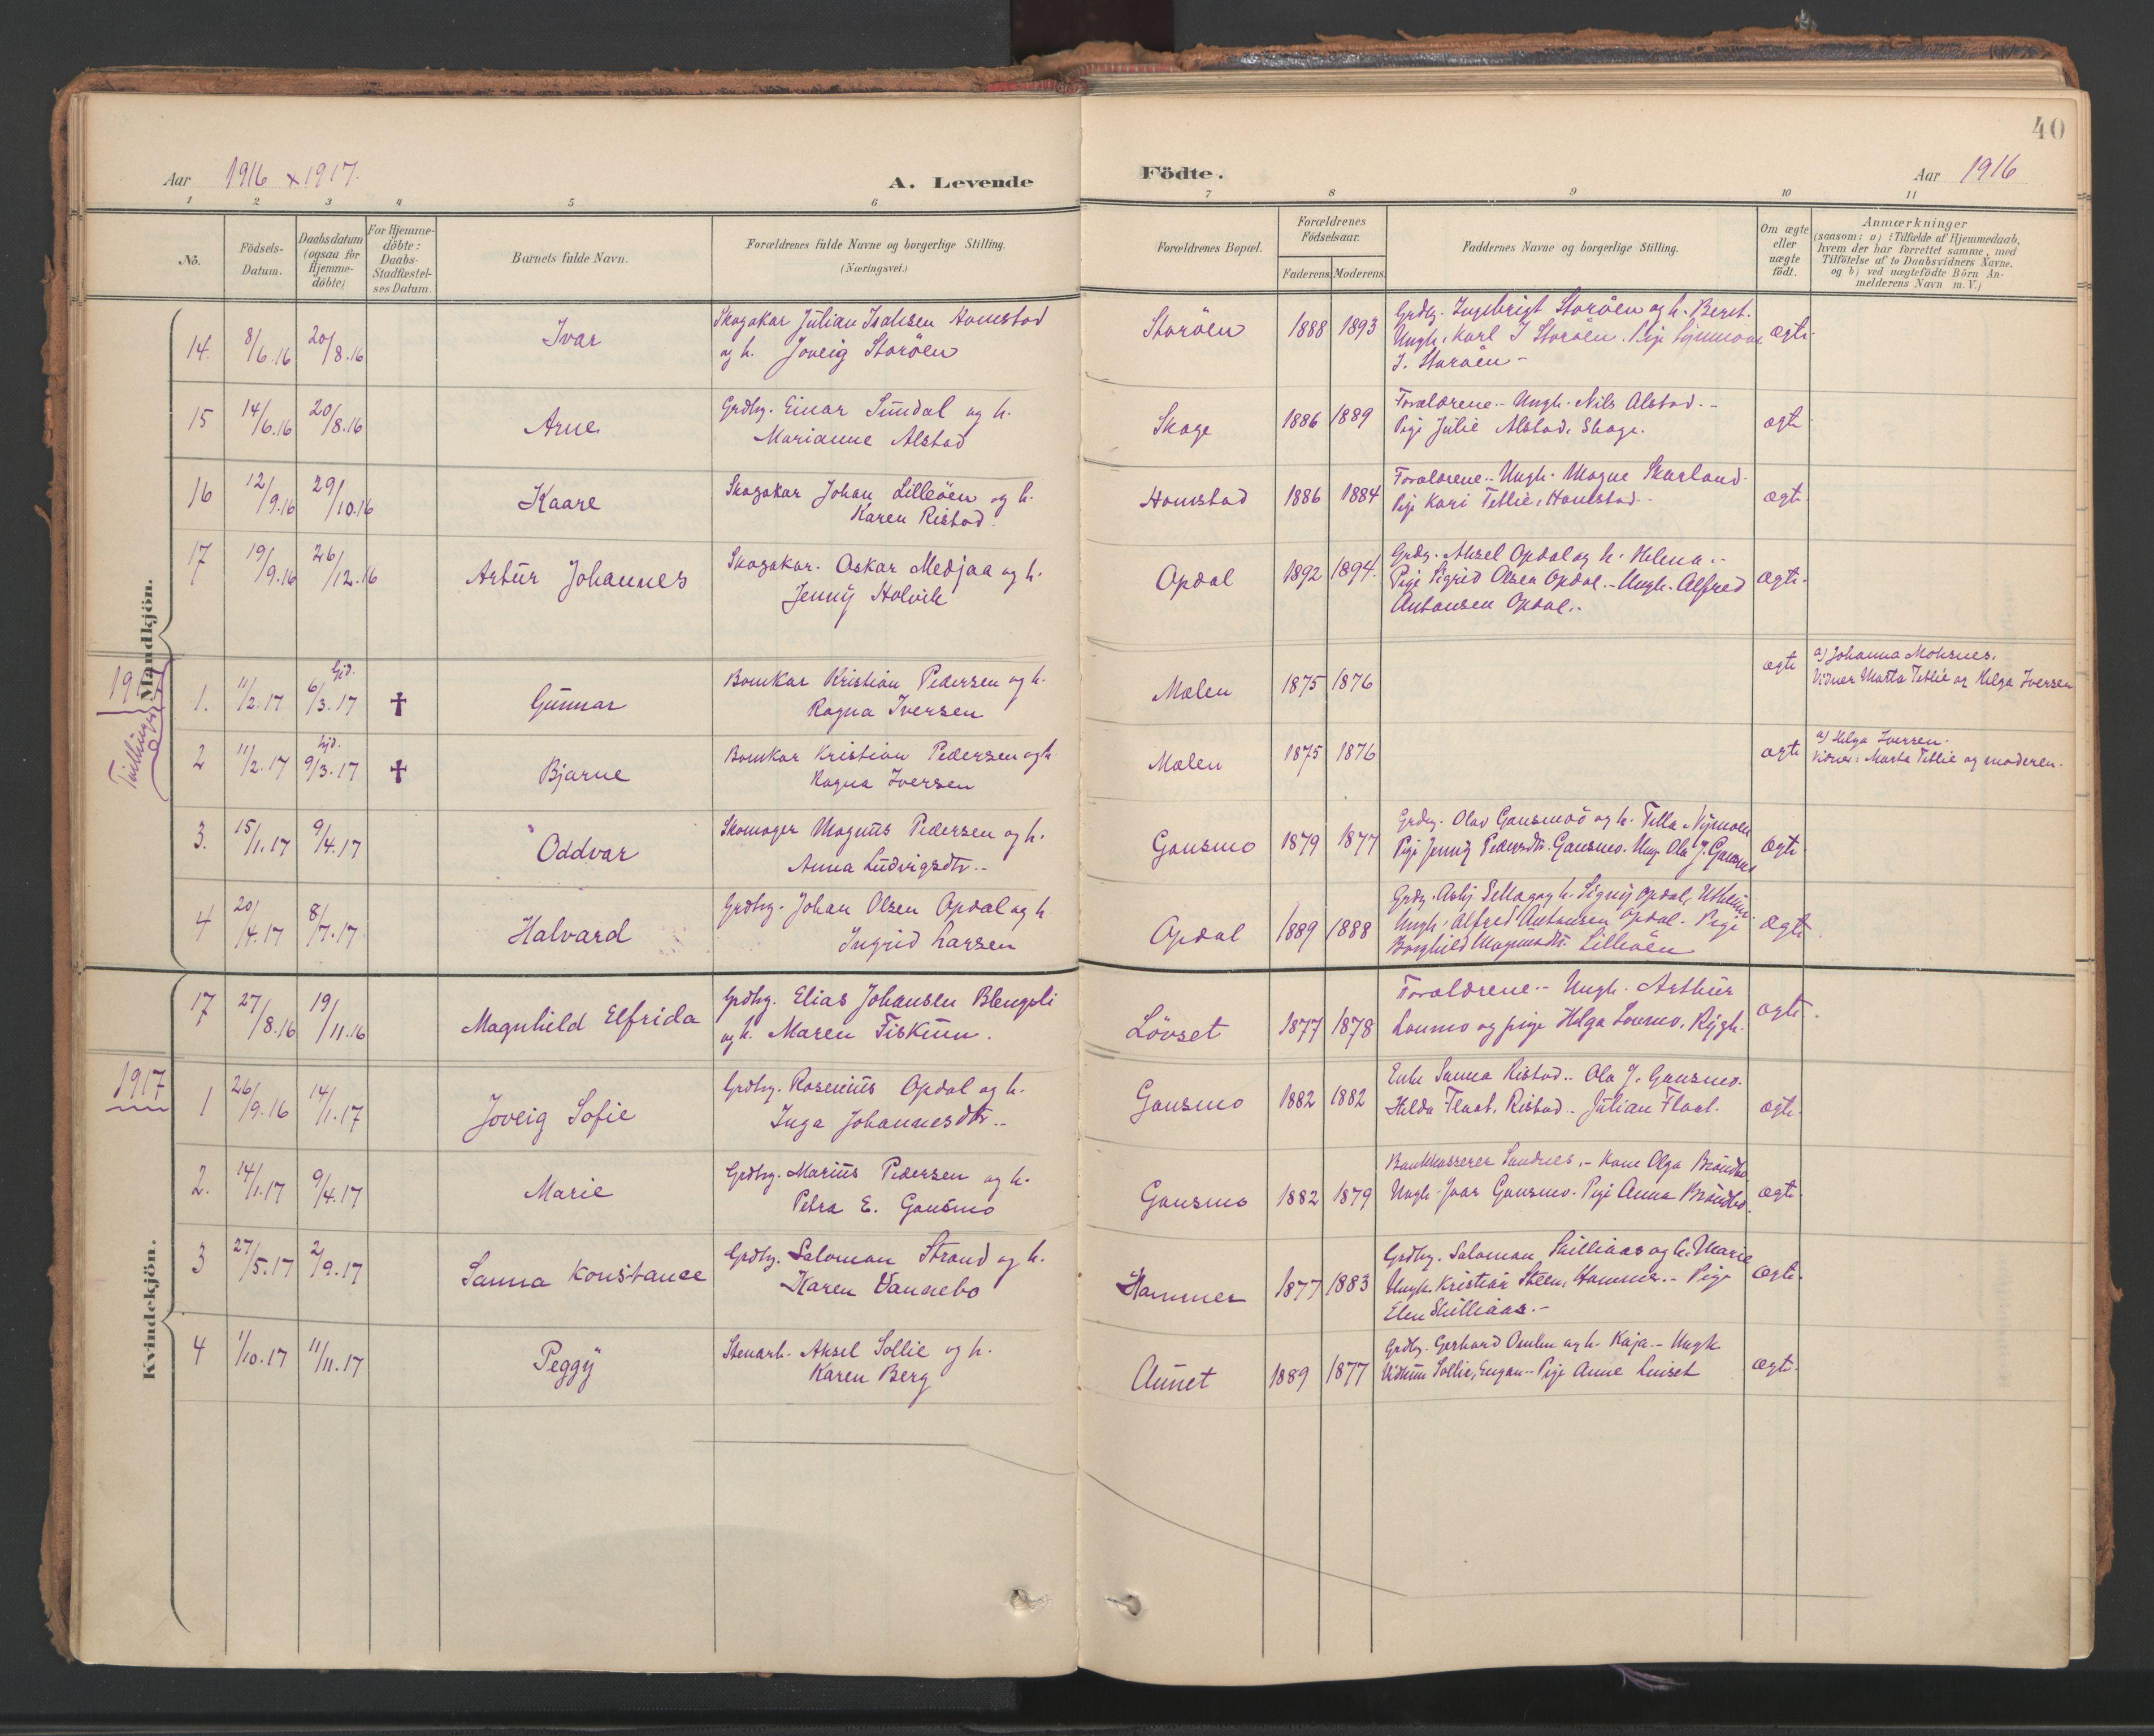 SAT, Ministerialprotokoller, klokkerbøker og fødselsregistre - Nord-Trøndelag, 766/L0564: Ministerialbok nr. 767A02, 1900-1932, s. 40